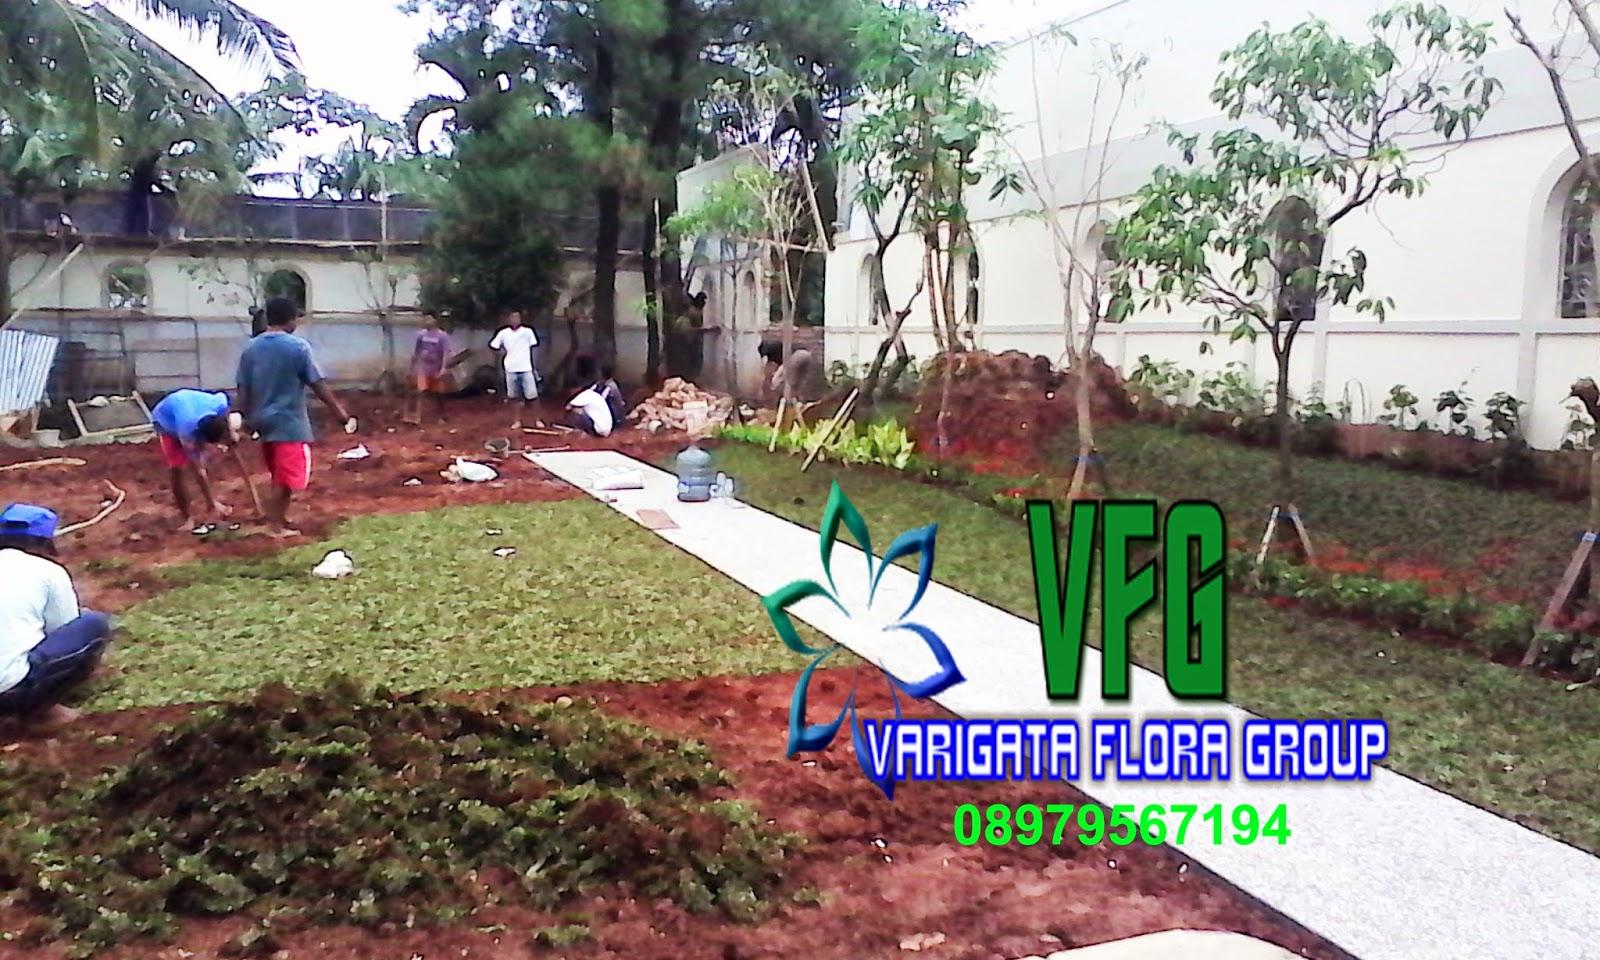 SERVICES OF GARDEN VARIGATA FLORA GROUP LANDSCAPE